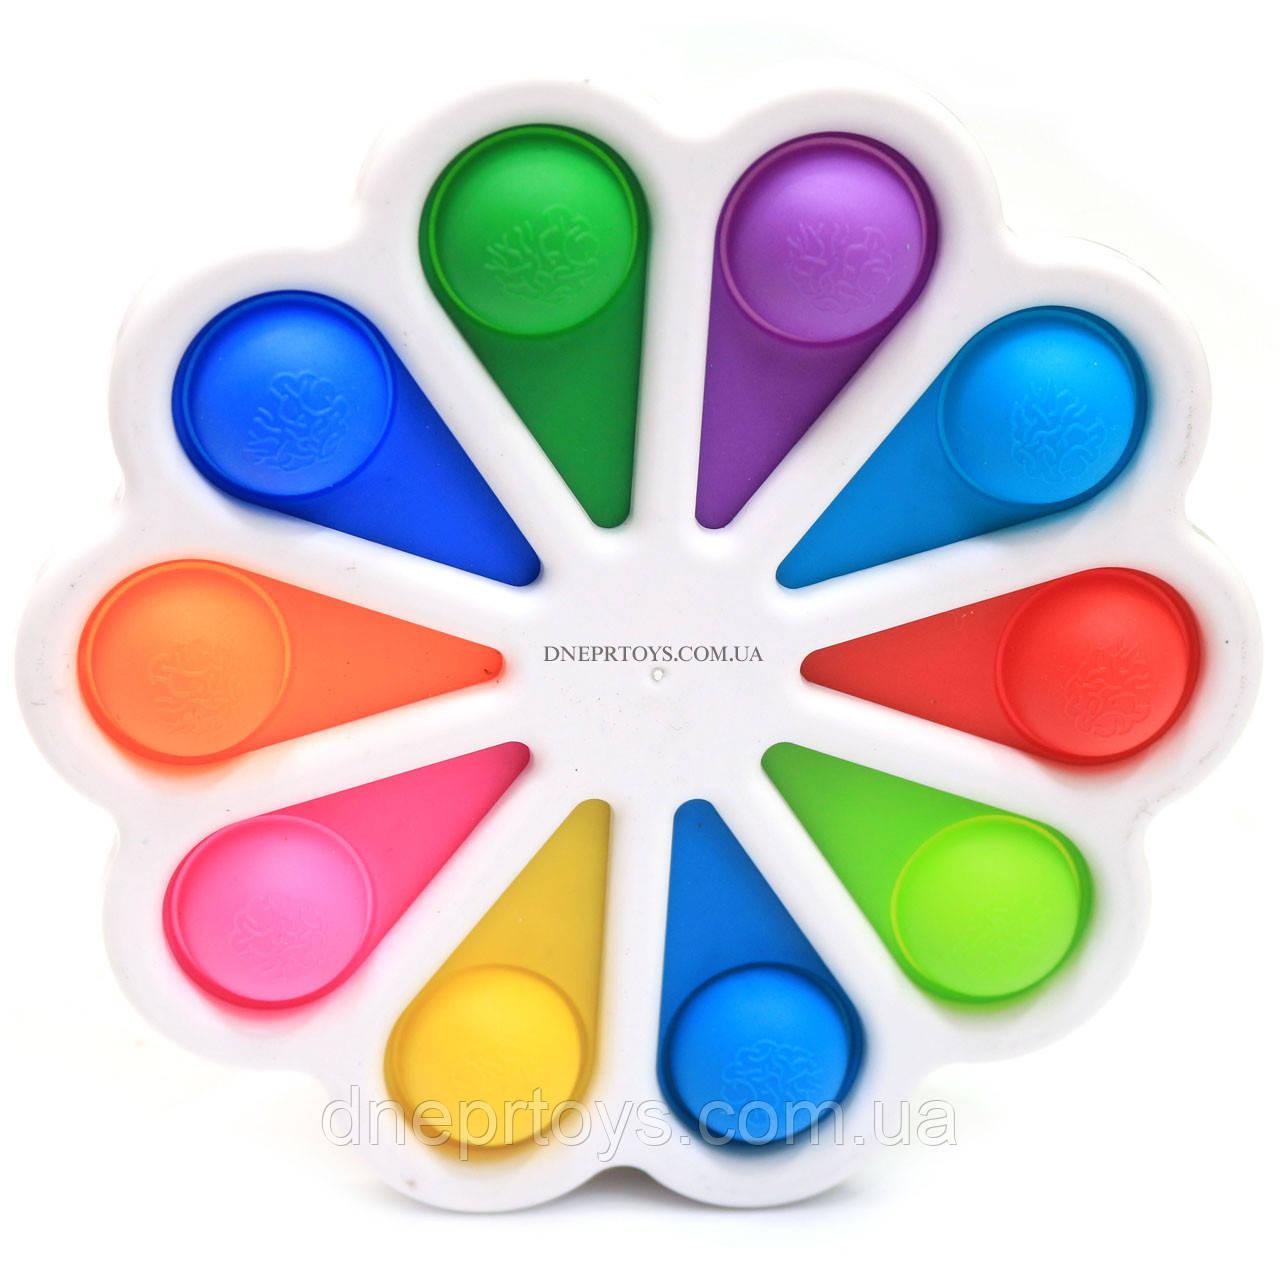 Тактильная игрушка антистресс Поп ит (Pop it)  Simple Dimple (Симпл Димпл) белая (S10)